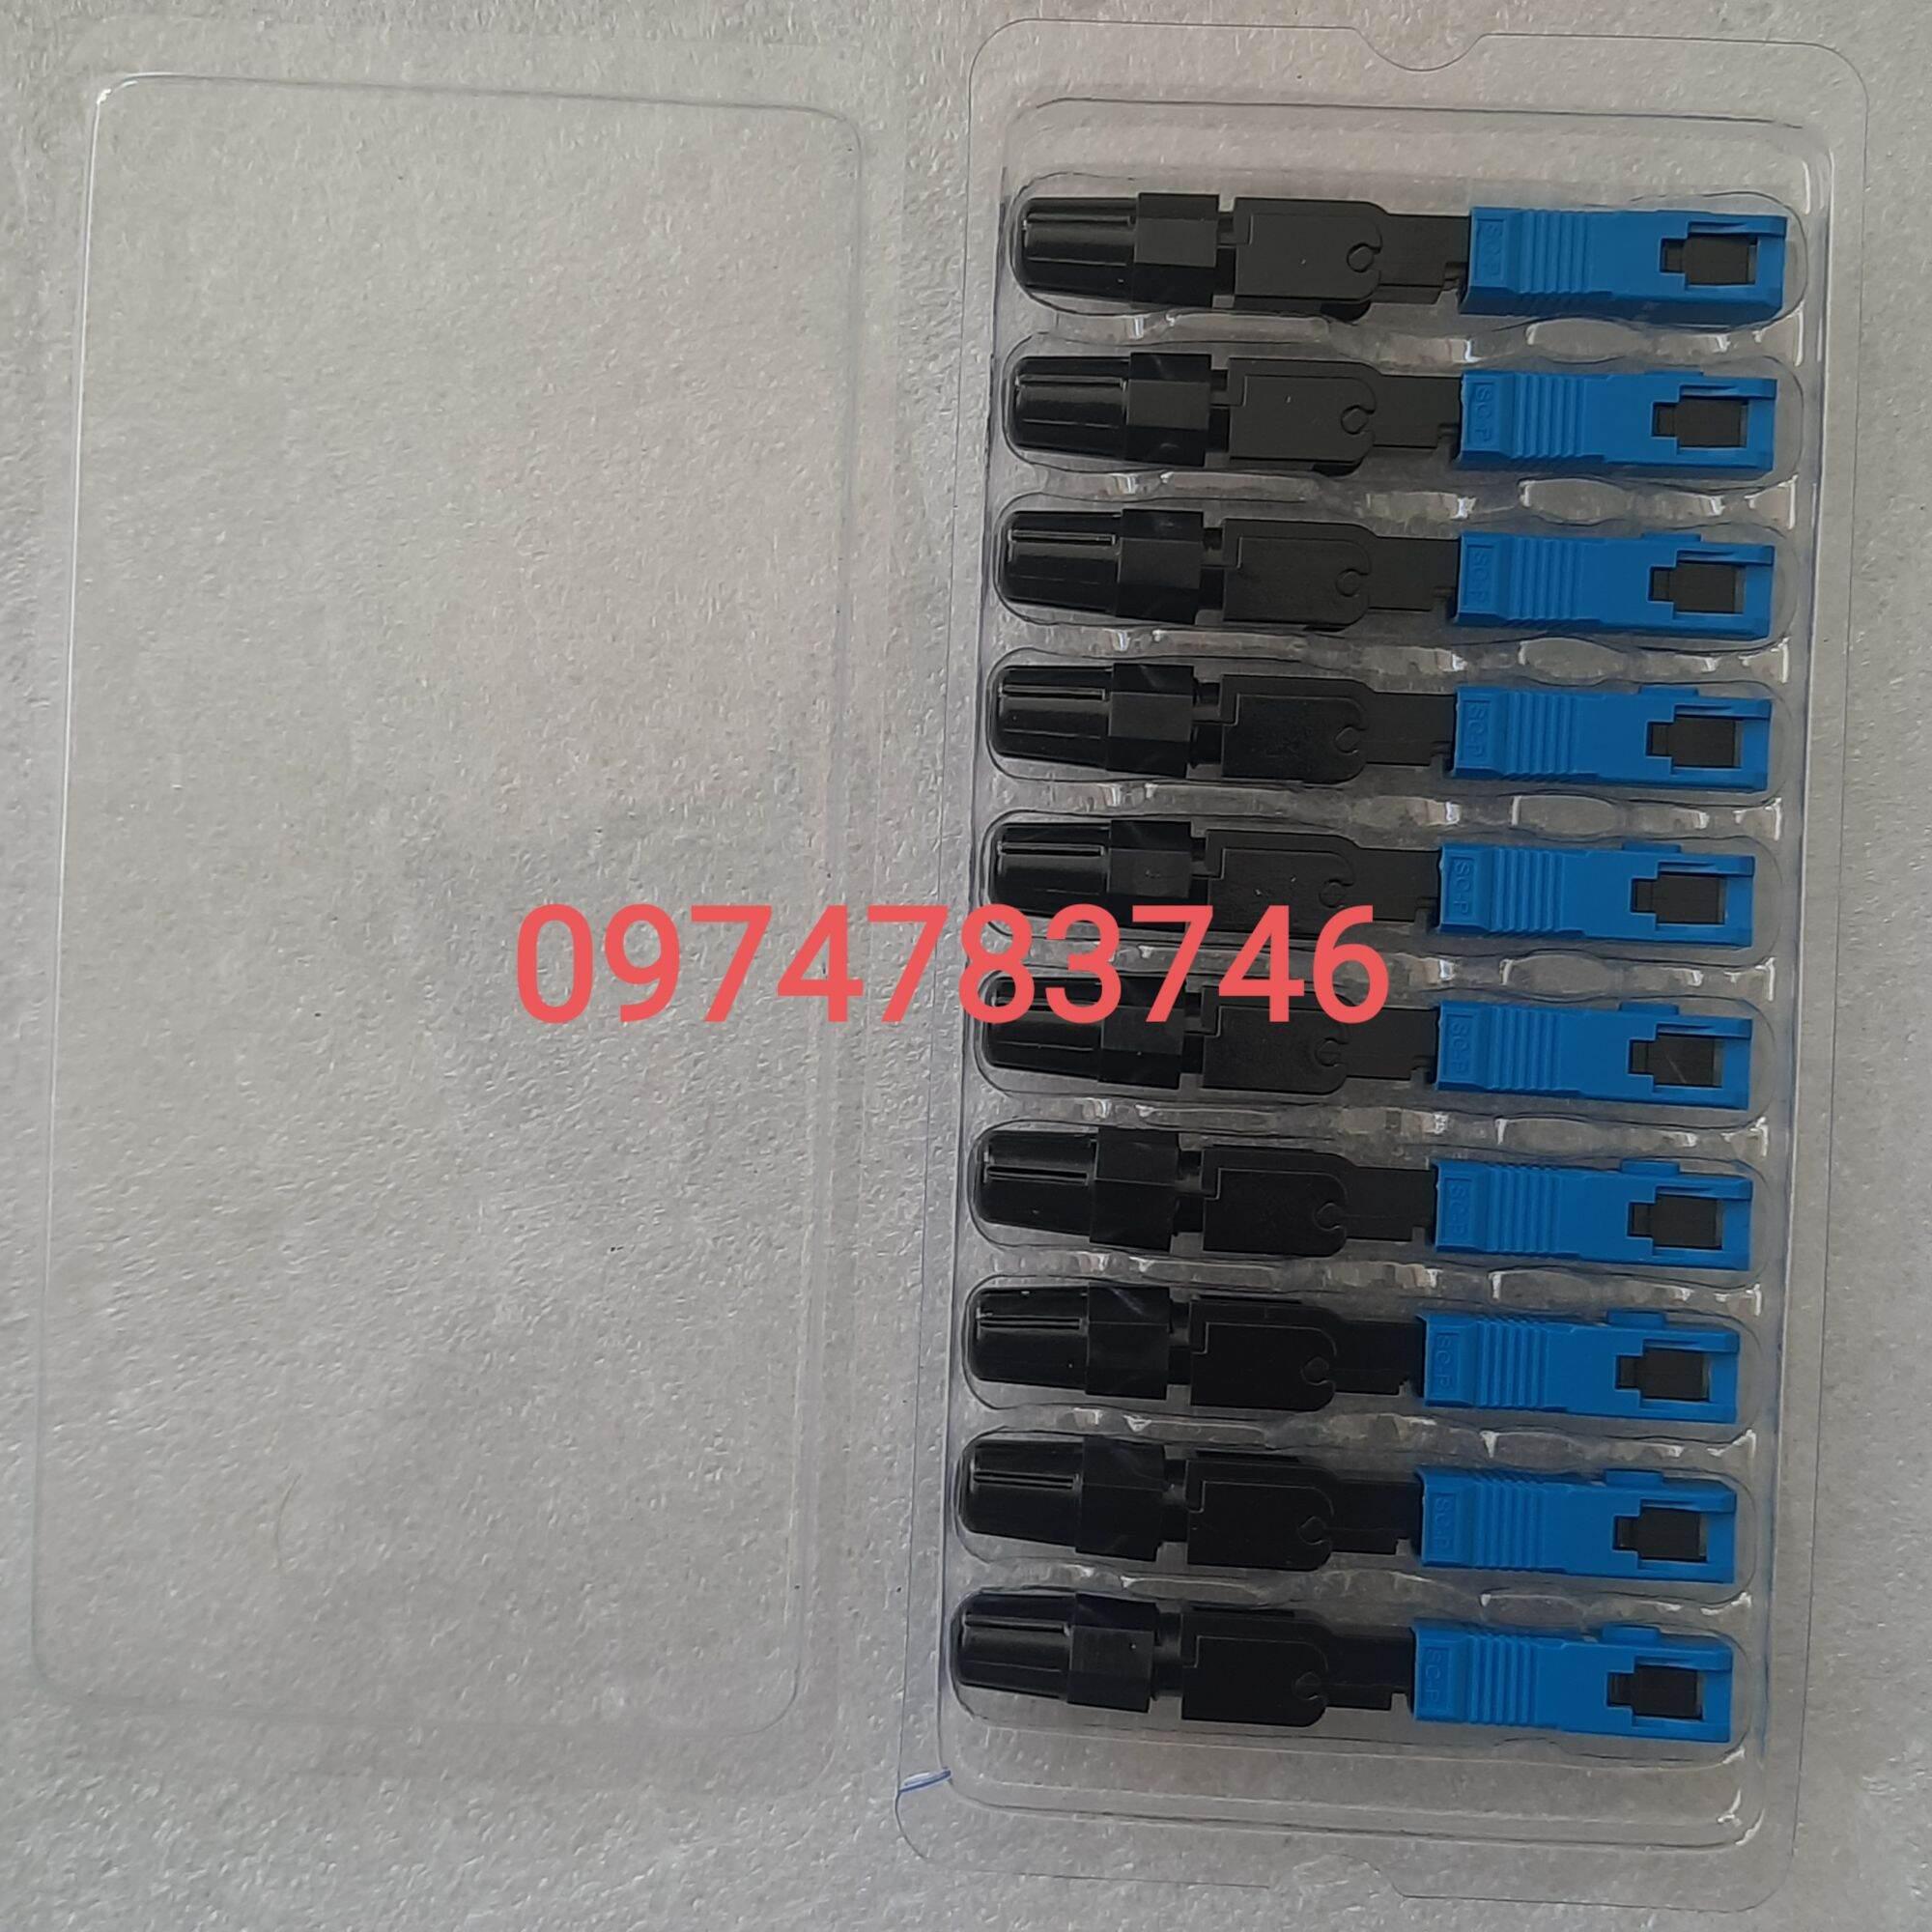 Bảng giá 10 Đầu nối nhanh sợi quang Fast Connector FTTH SC UPC SC APC rệp nối quang Phong Vũ